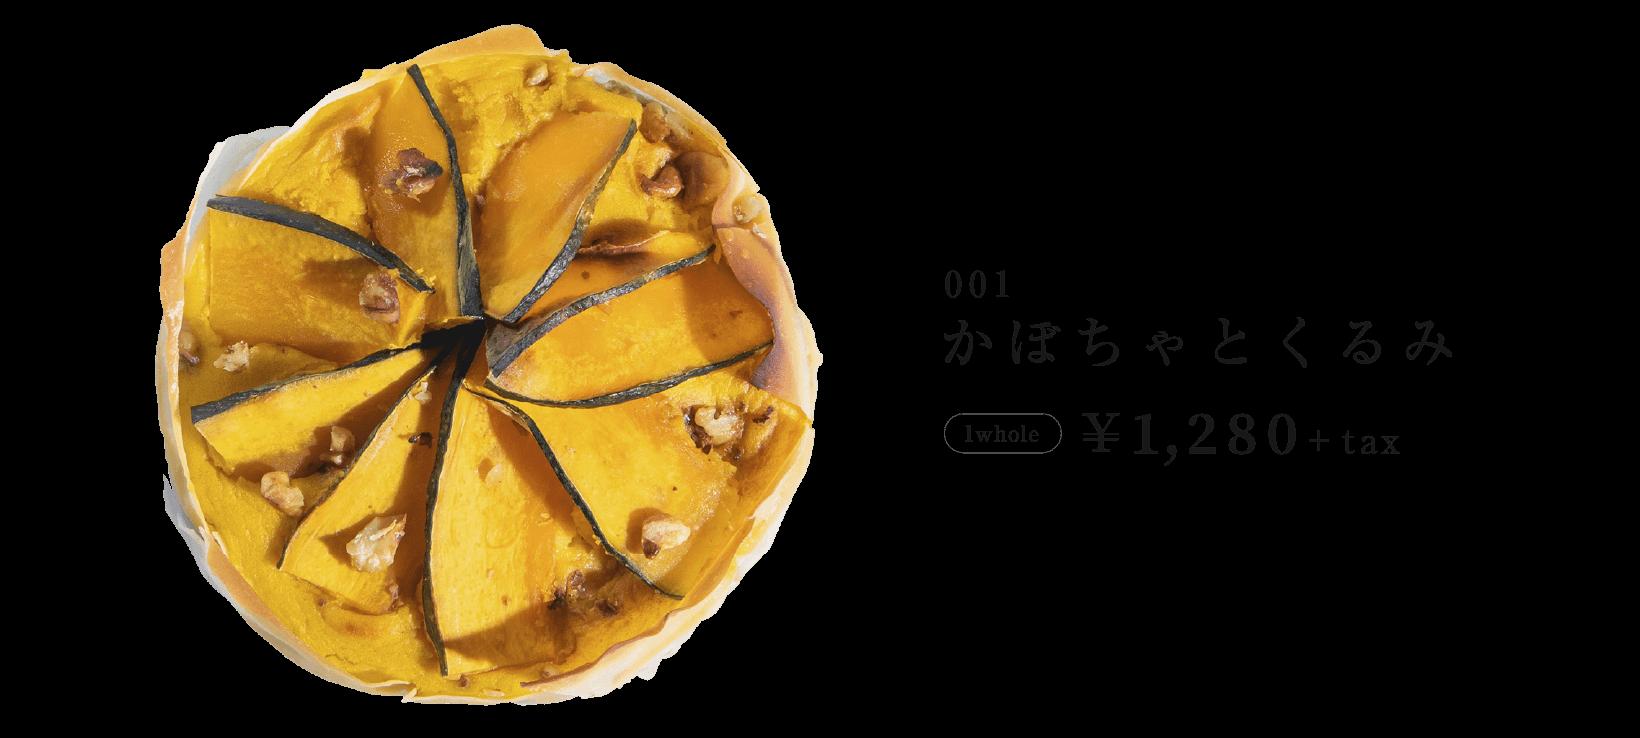 001 かぼちゃとくるみ 1whole ¥1,200+tax